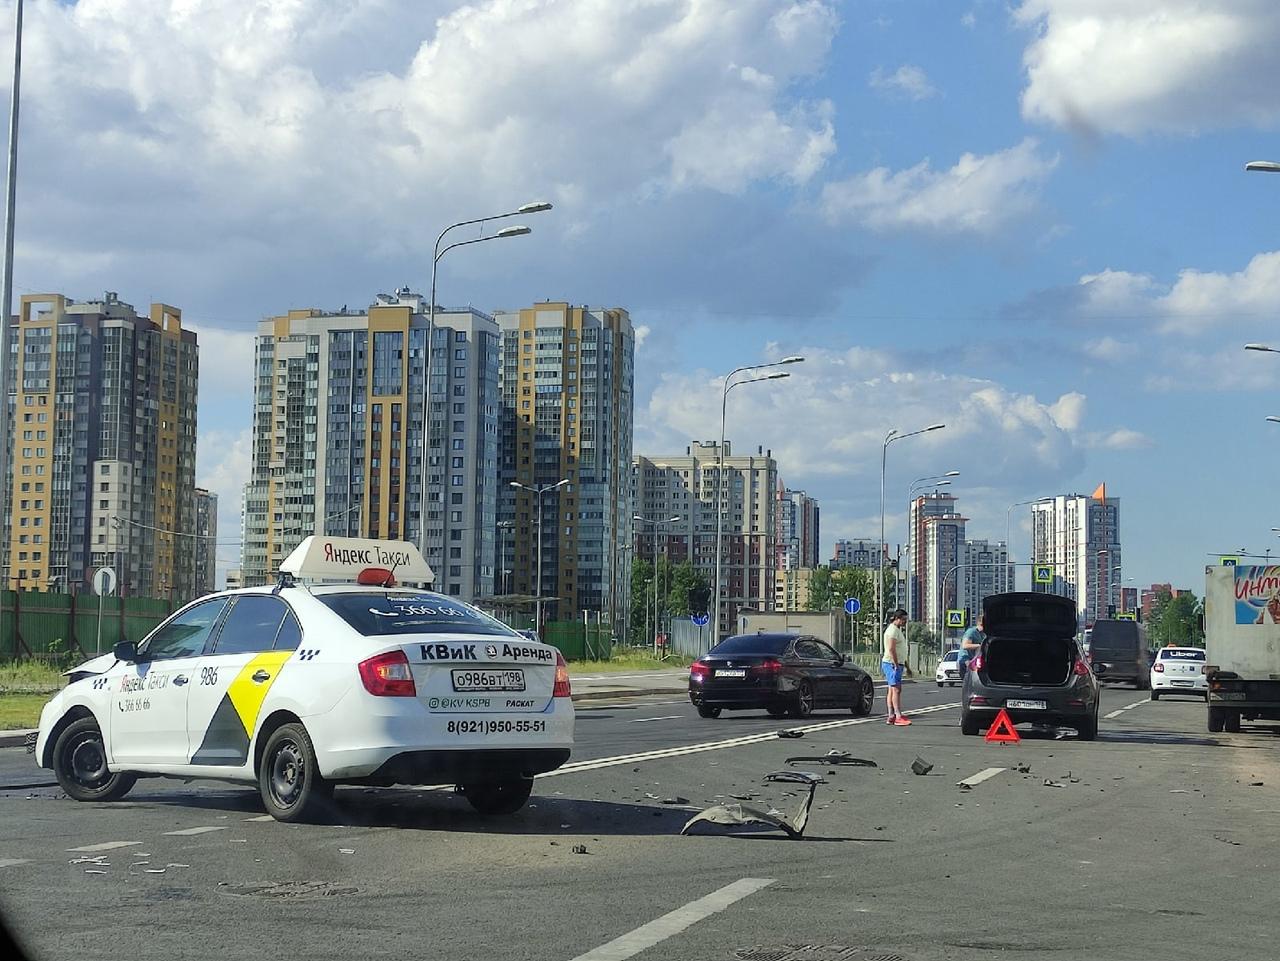 ДТП на Среднерогатской, похоже, таксист с дворов вывернул, а второй быстро ехал.